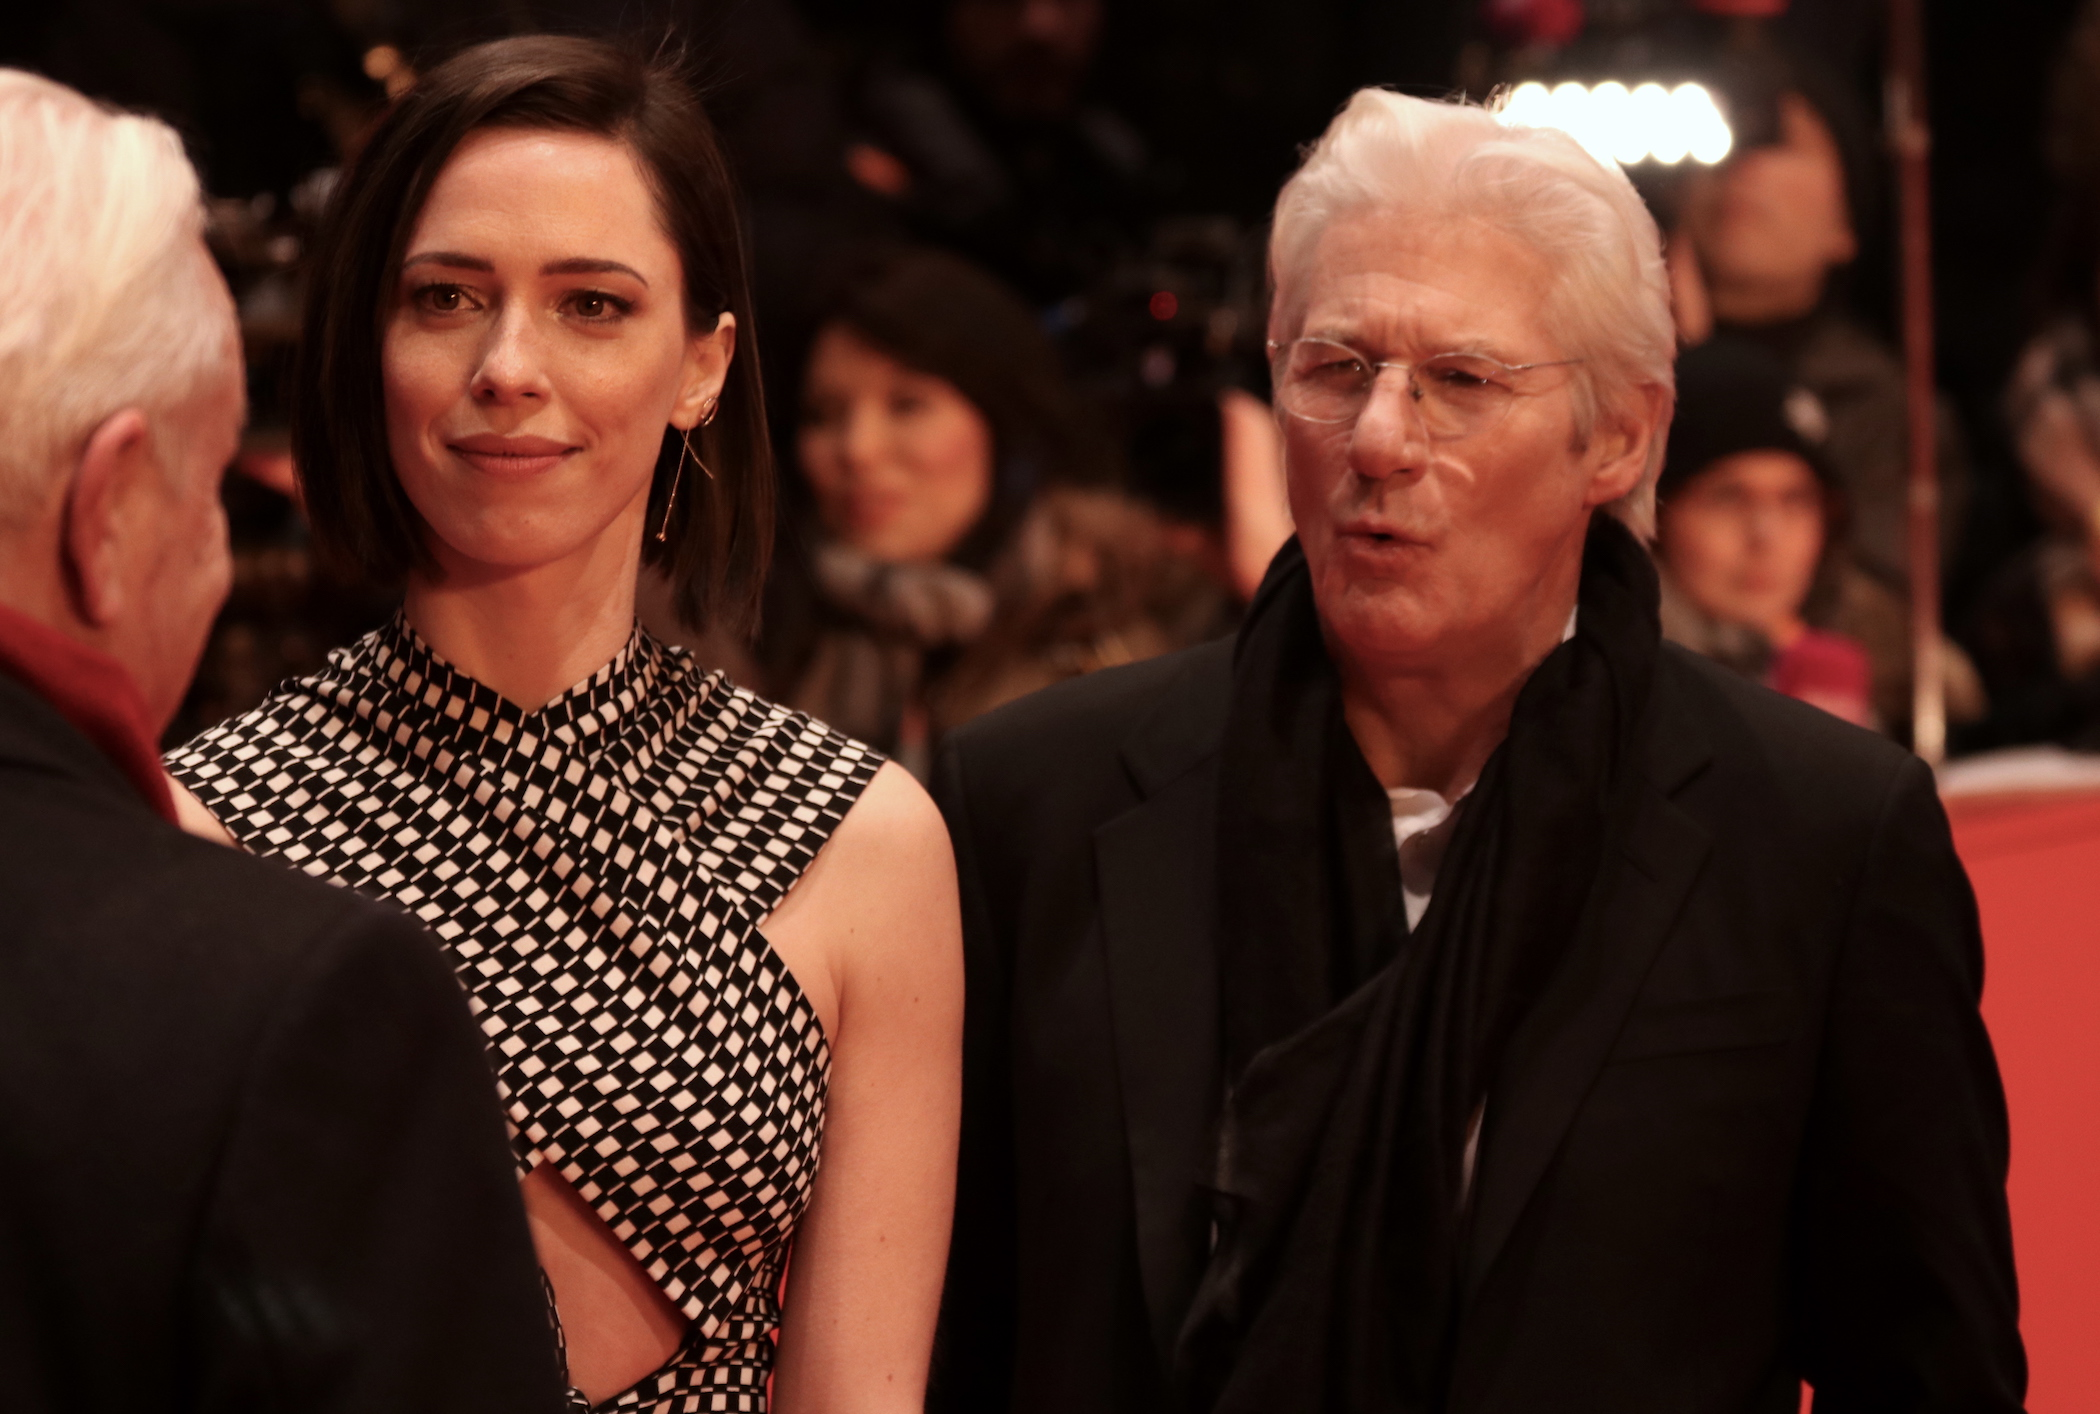 Berlino 2017: Rebecca Hall e Richard Gere sul red carpet di The Dinner